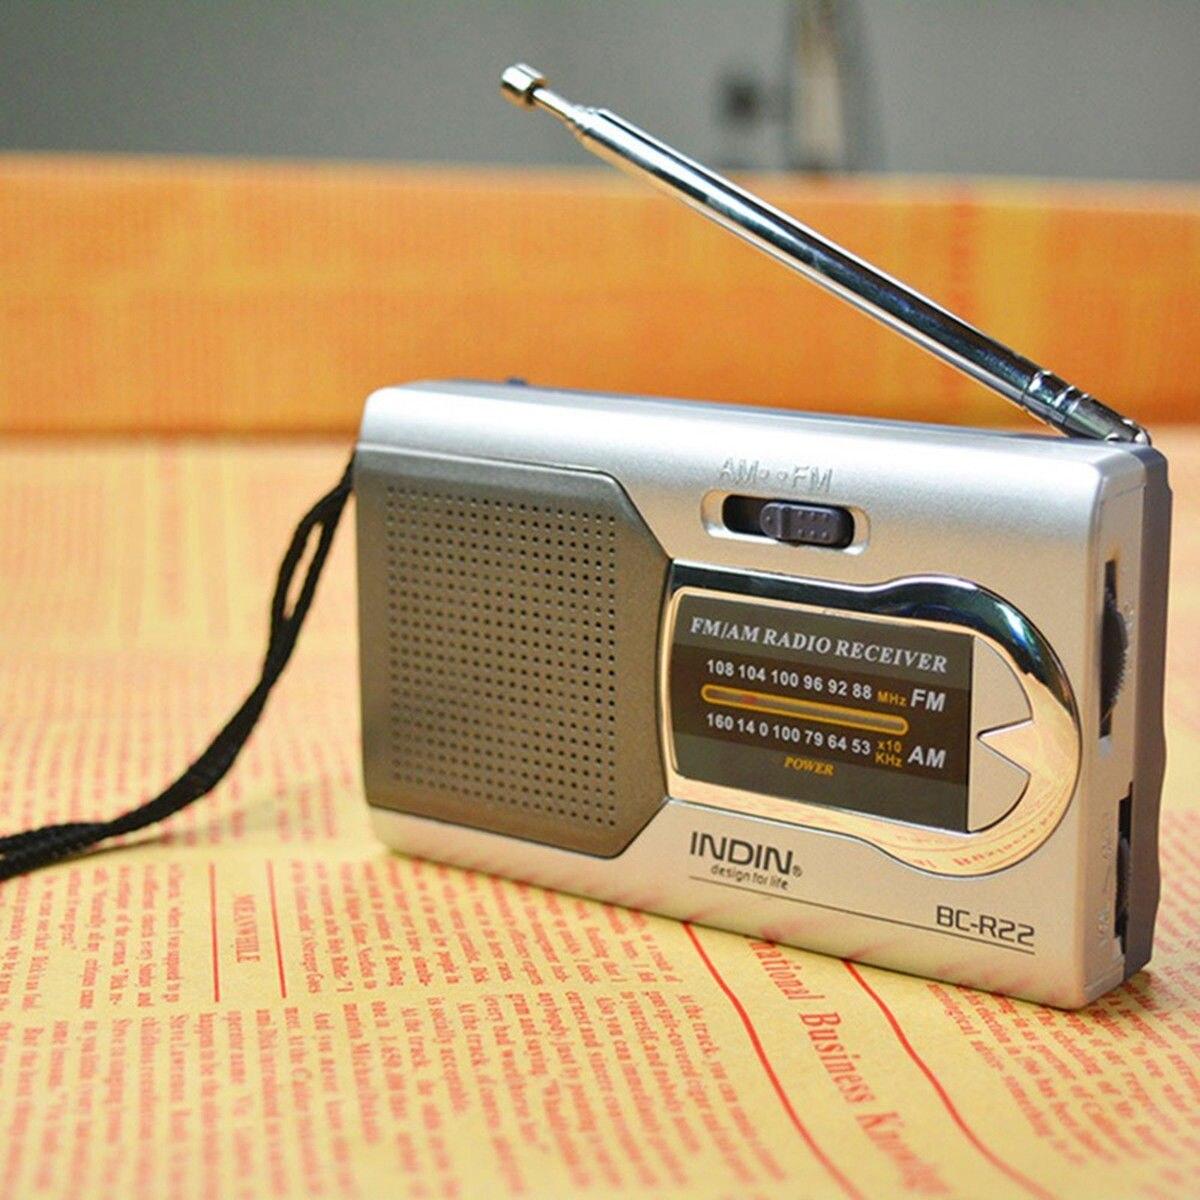 2018 Apleok BC-R22 Tragbare AM FM Radio Empfänger Gebaut in Lautsprecher mit Standard Kopfhörer Jack Mini Radio